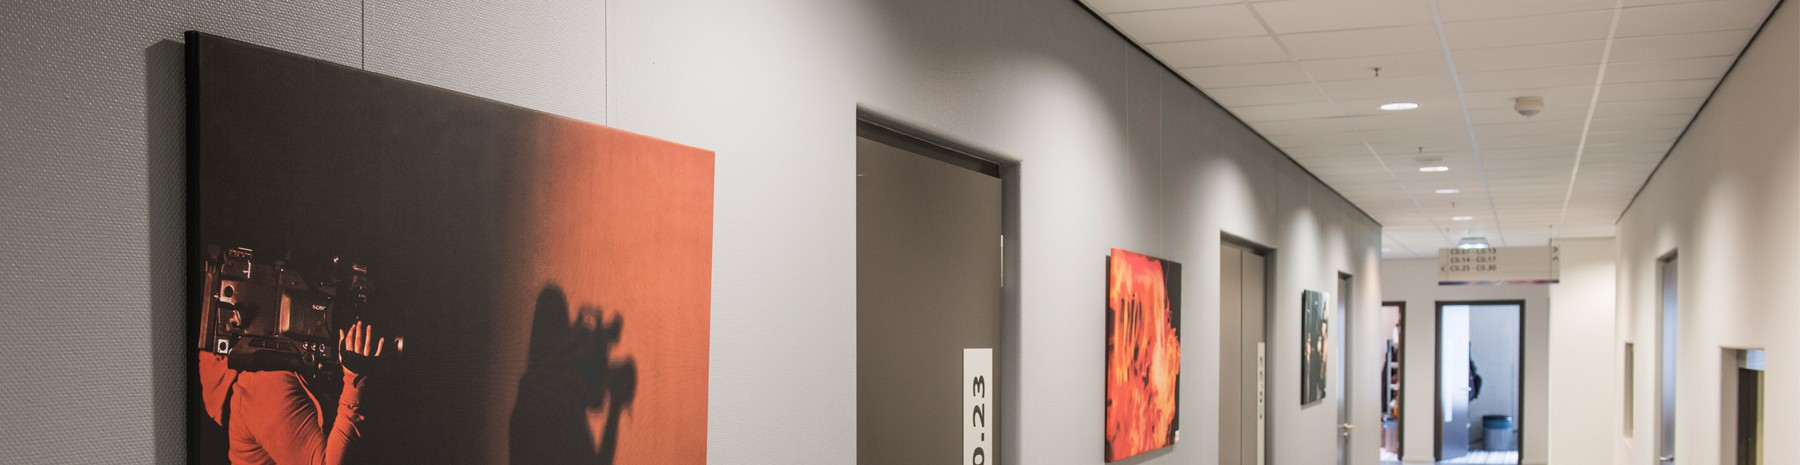 Cimaise clic rail, un système d'affichage invisible pour vos tableaux